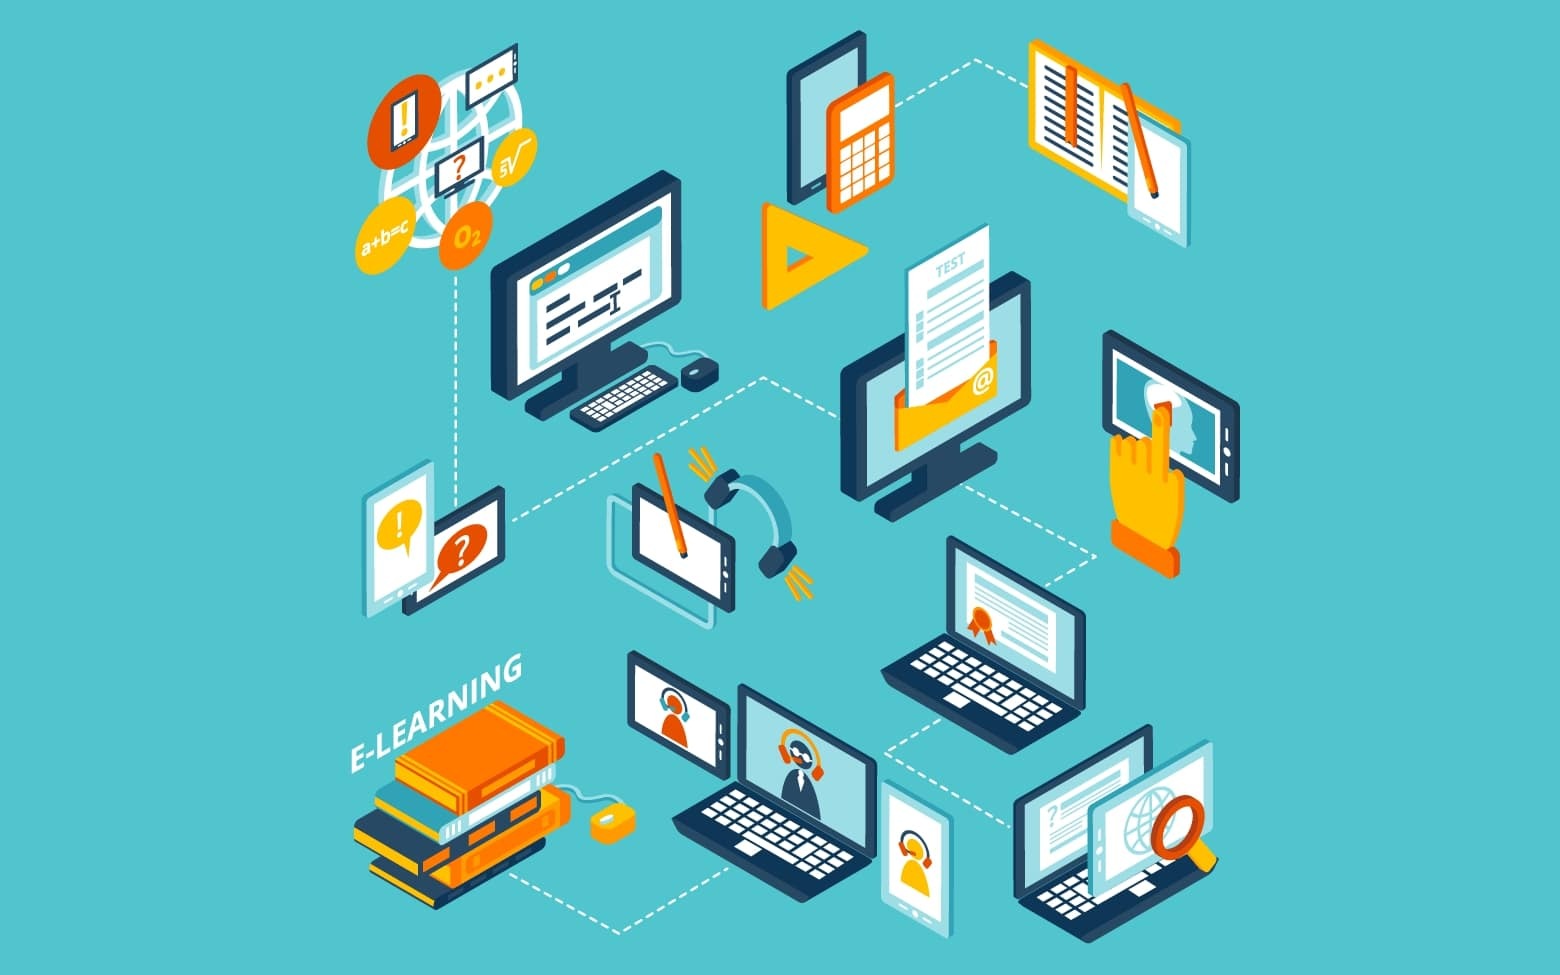 công nghệ giáo dục là gì